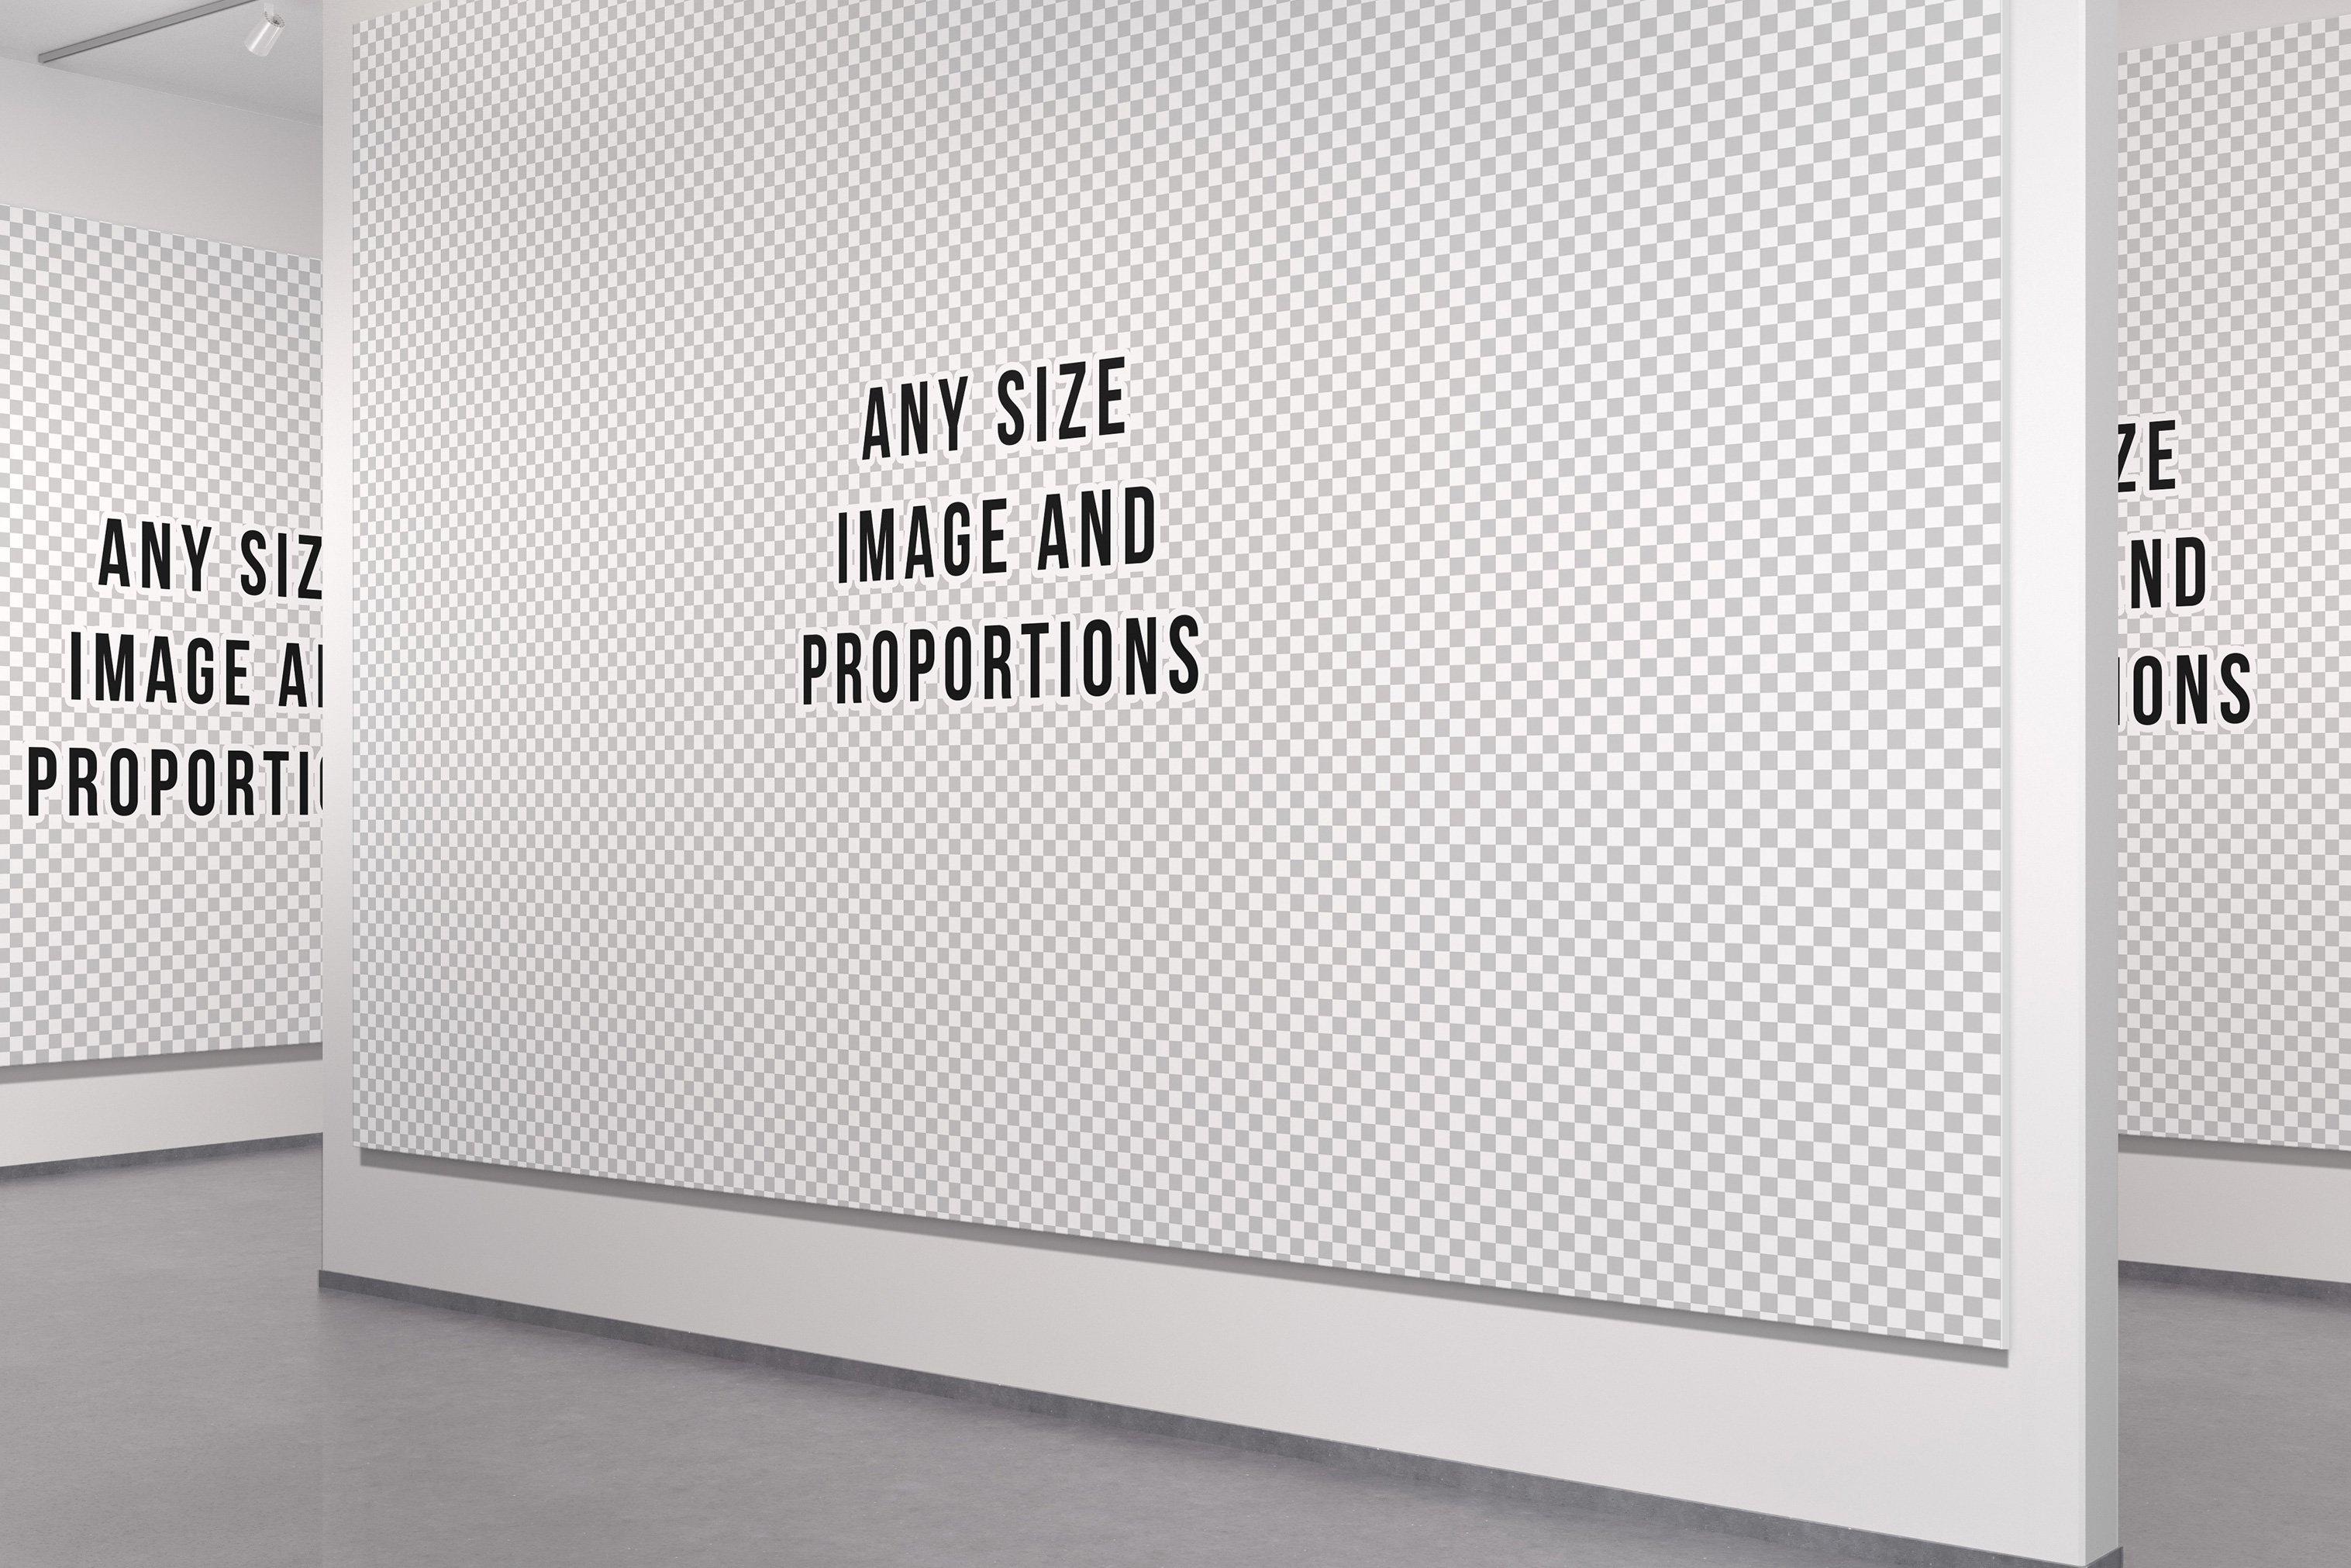 美术馆绘画艺术品相片展示样机模板 Art Gallery Mockup插图(9)